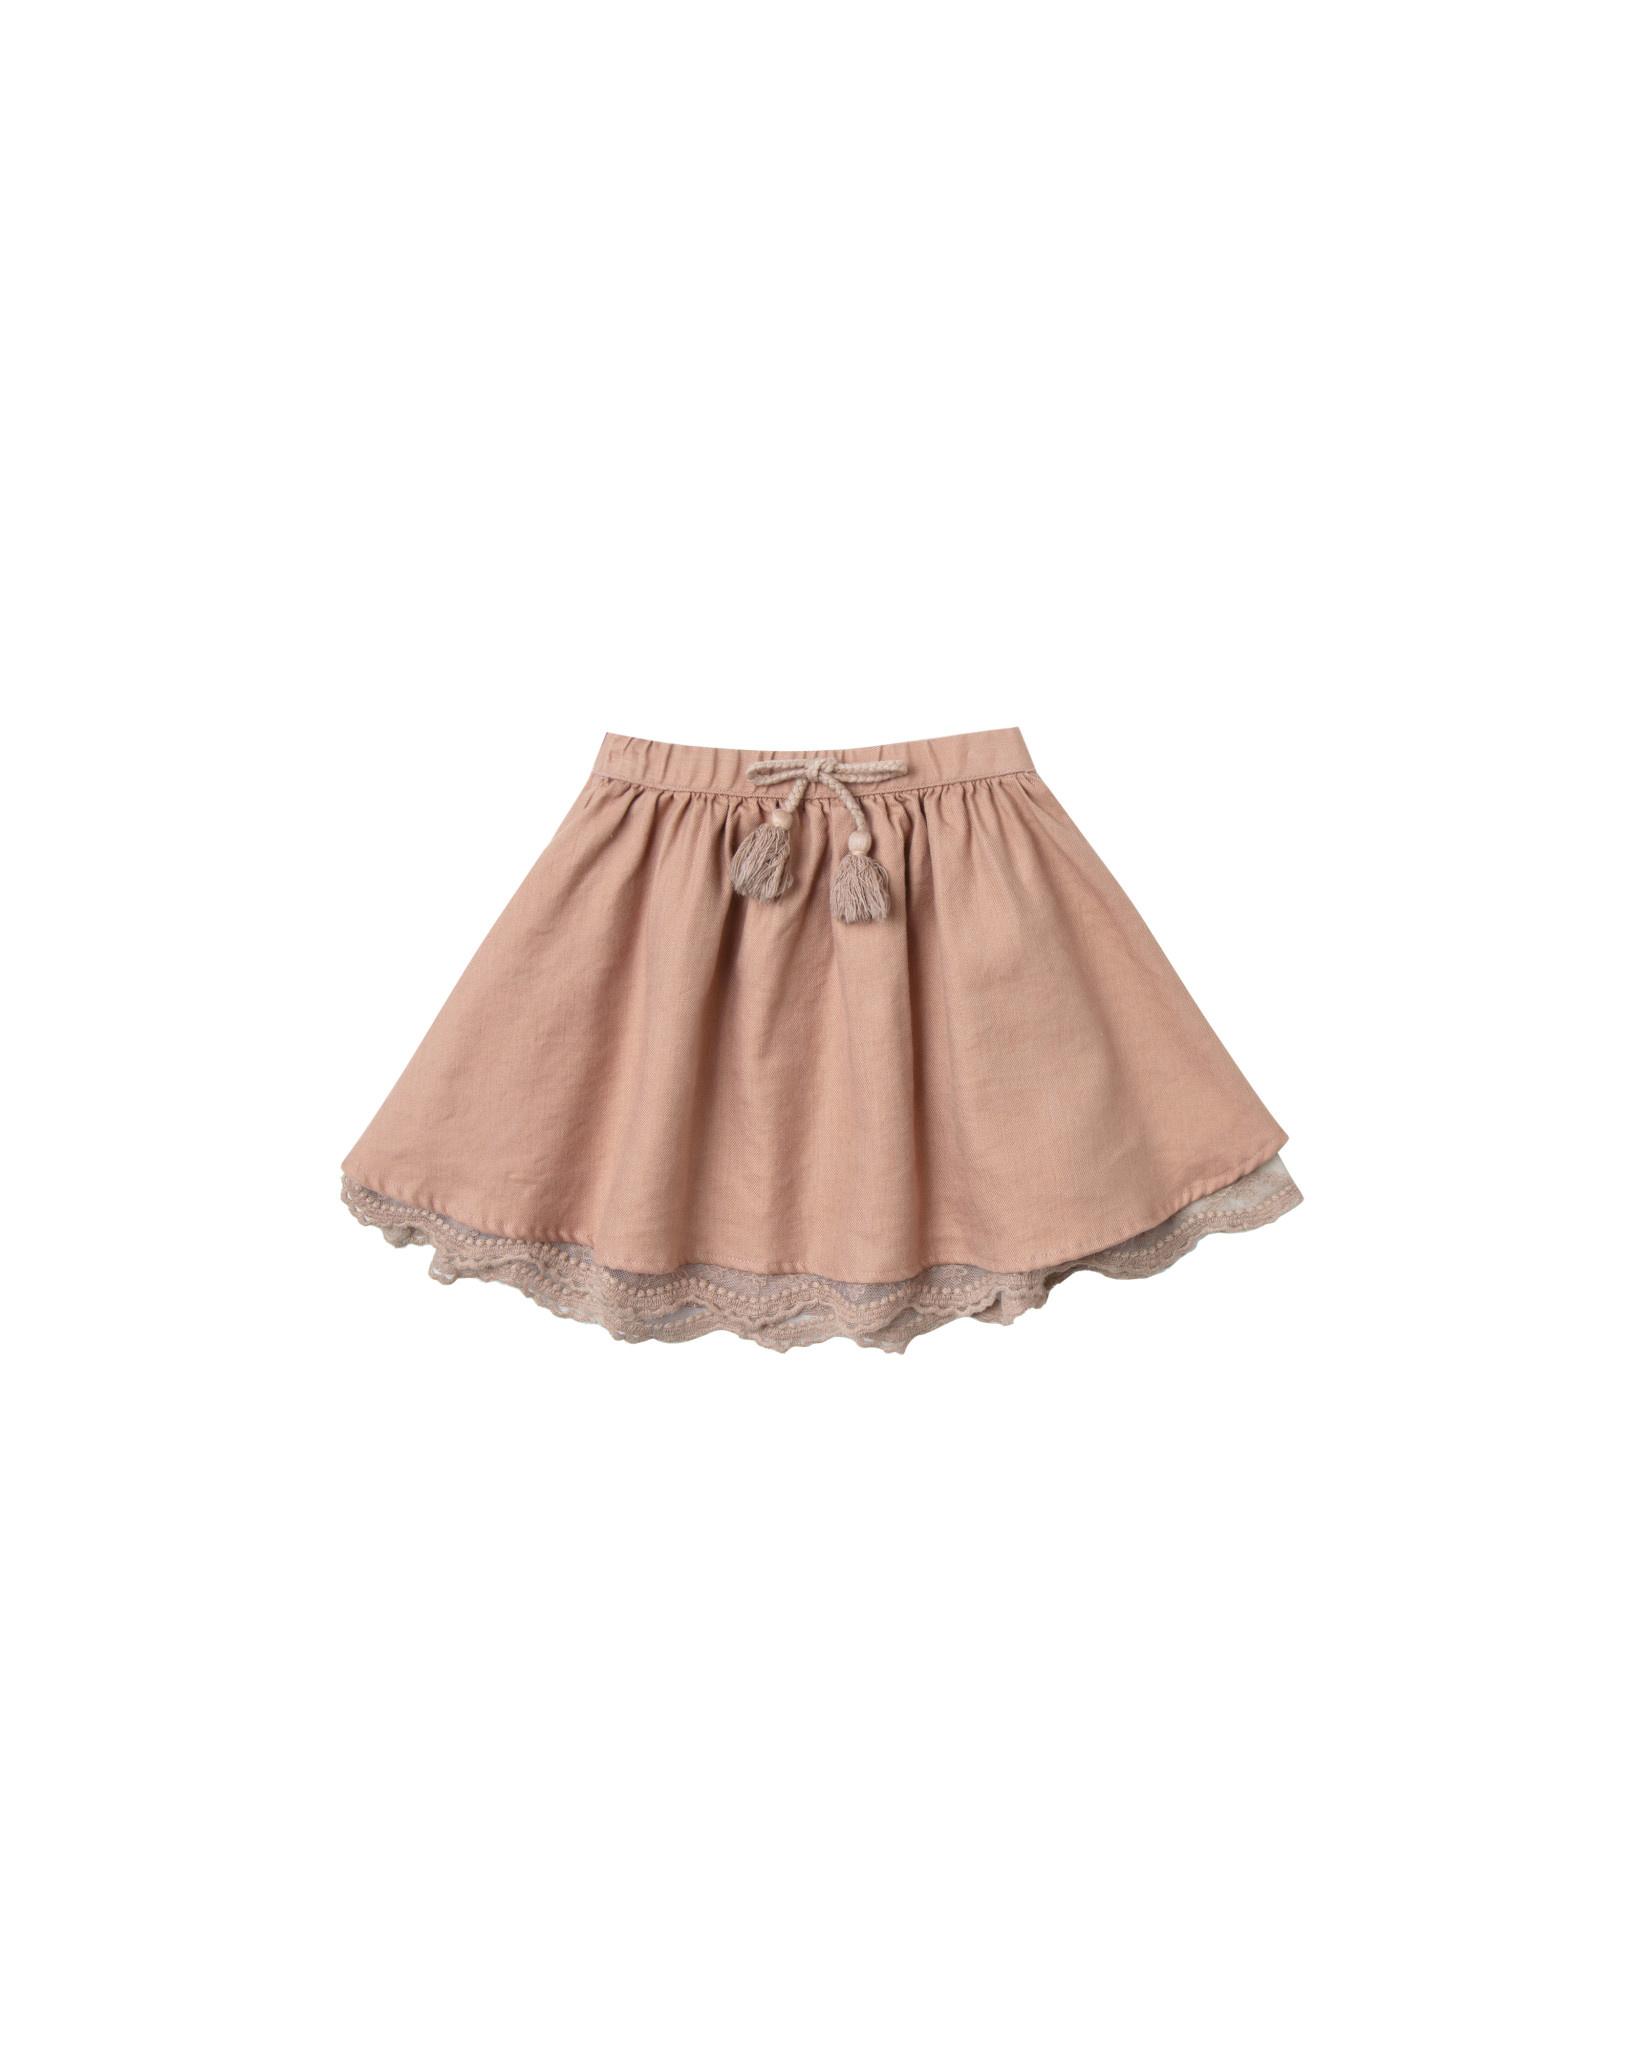 RYLEE AND CRU Mini Skirt